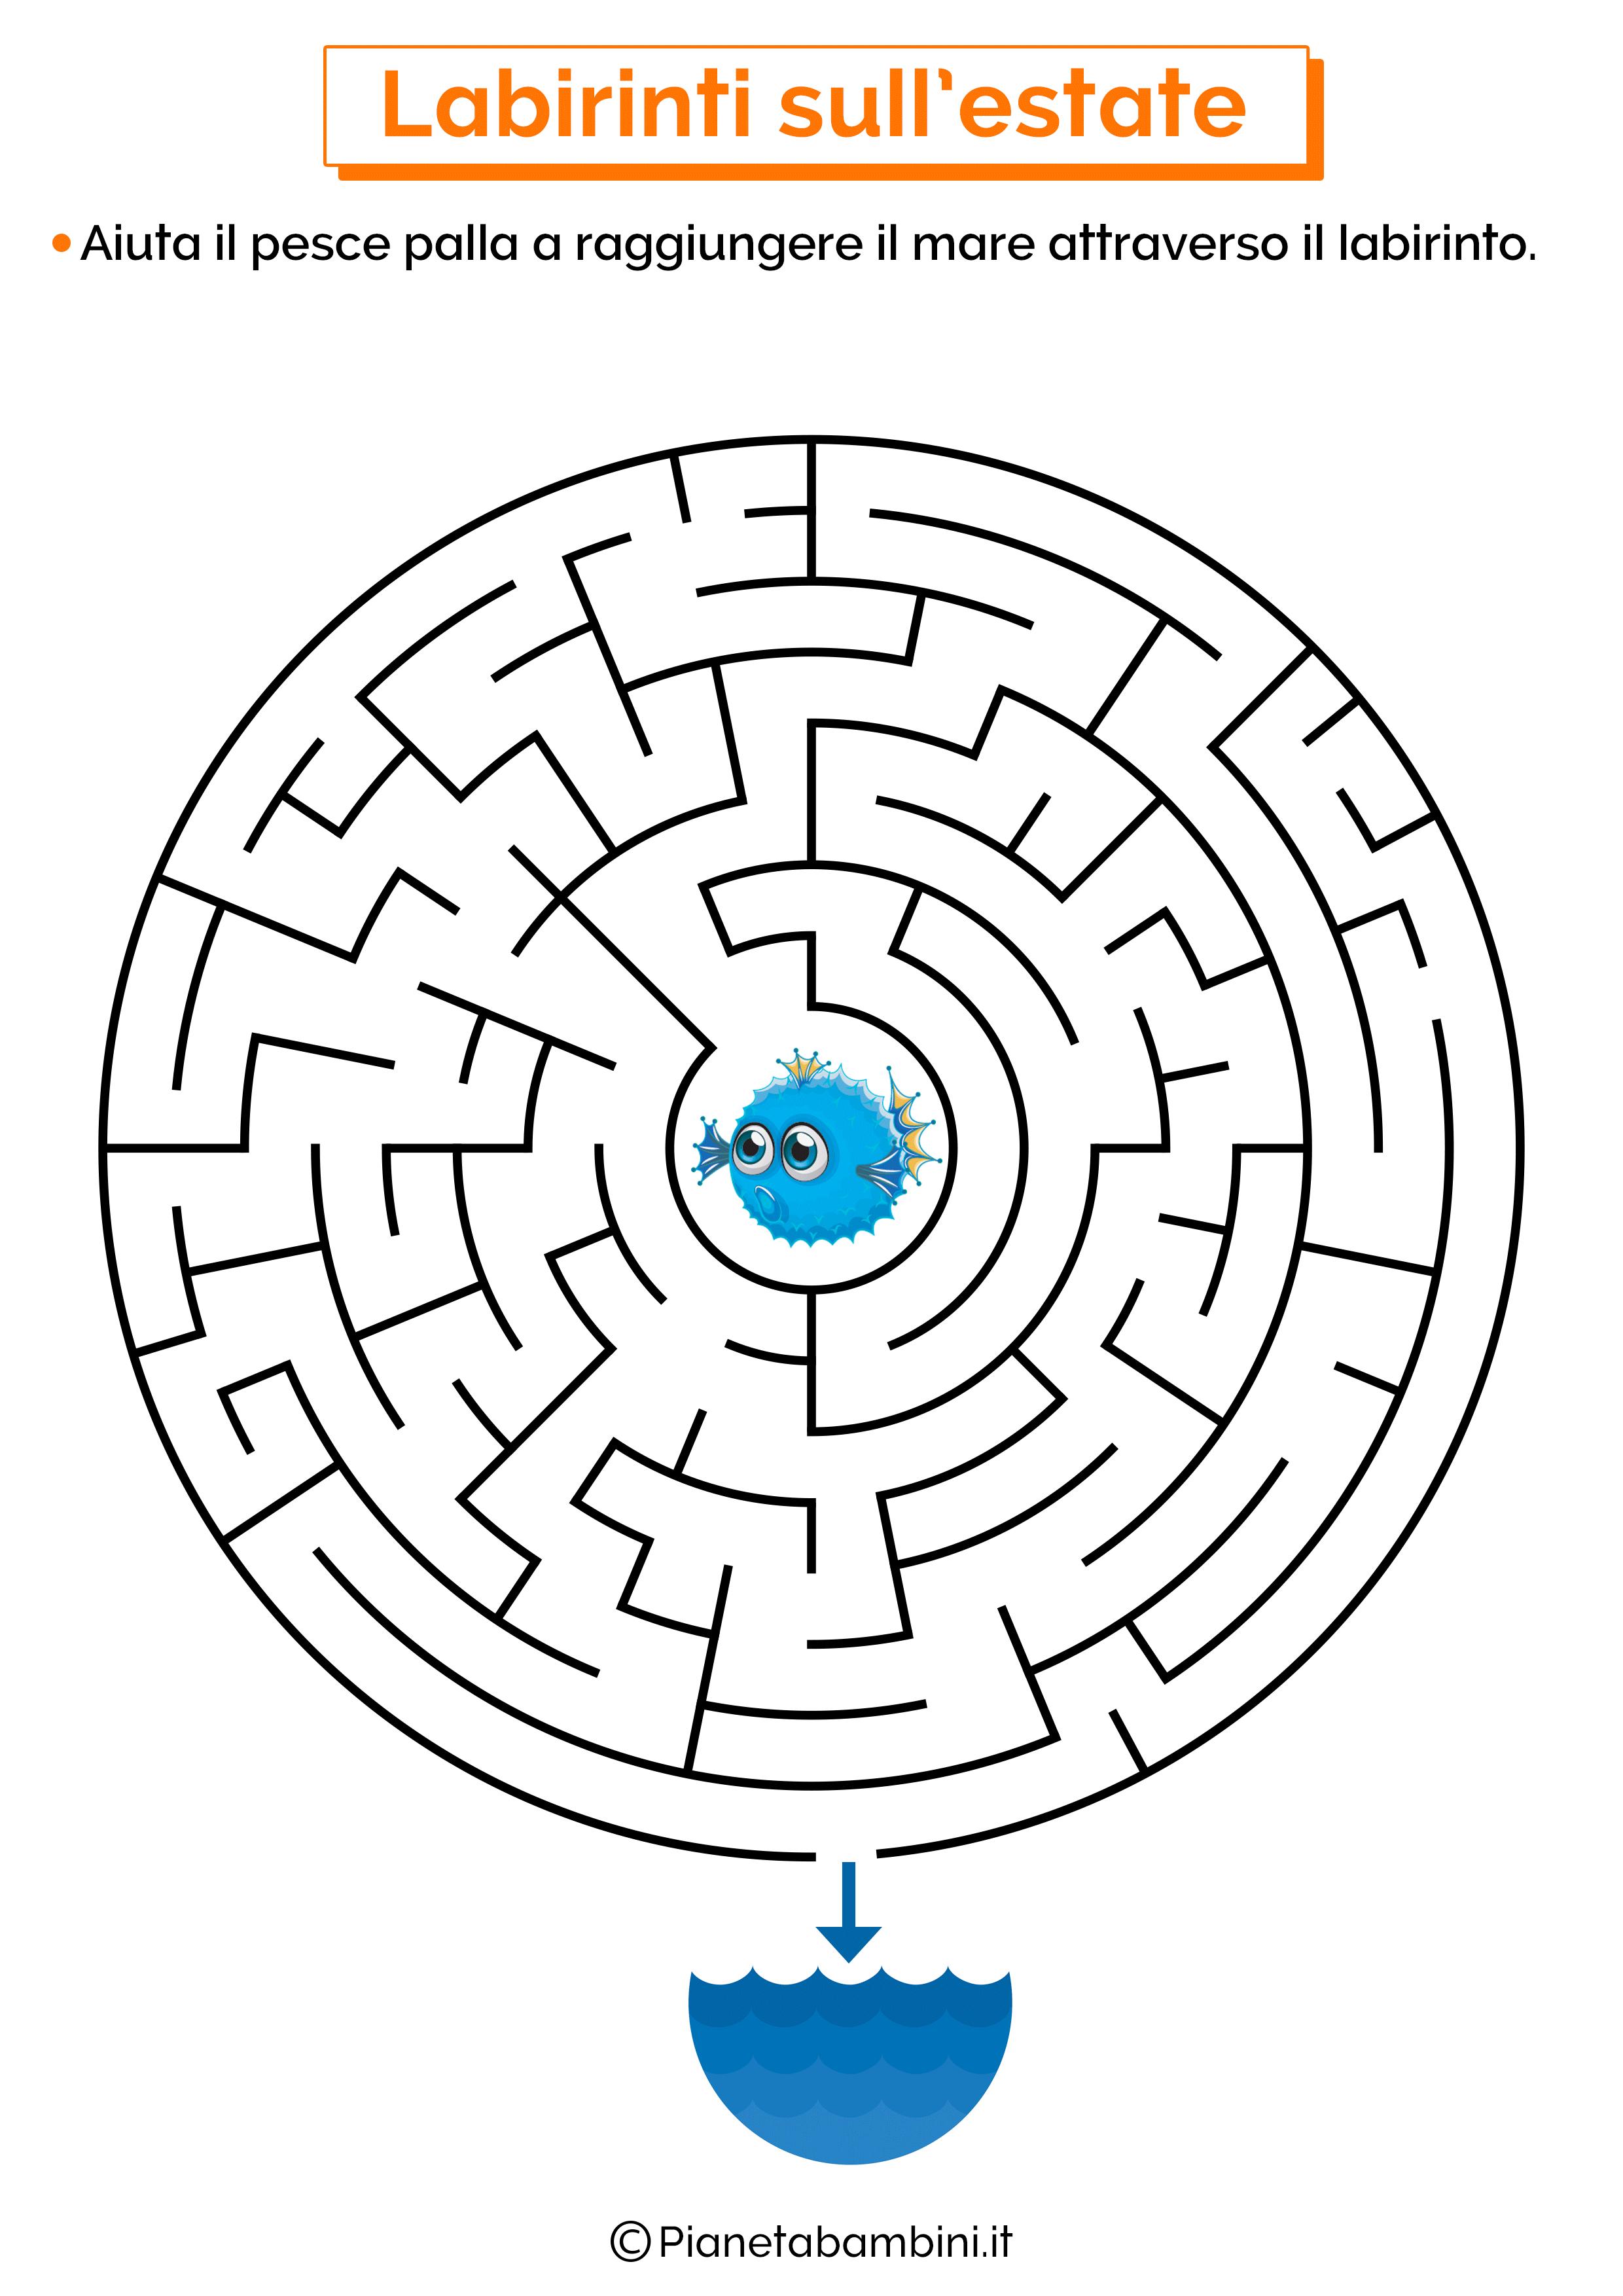 Labirinto sull'estate 03